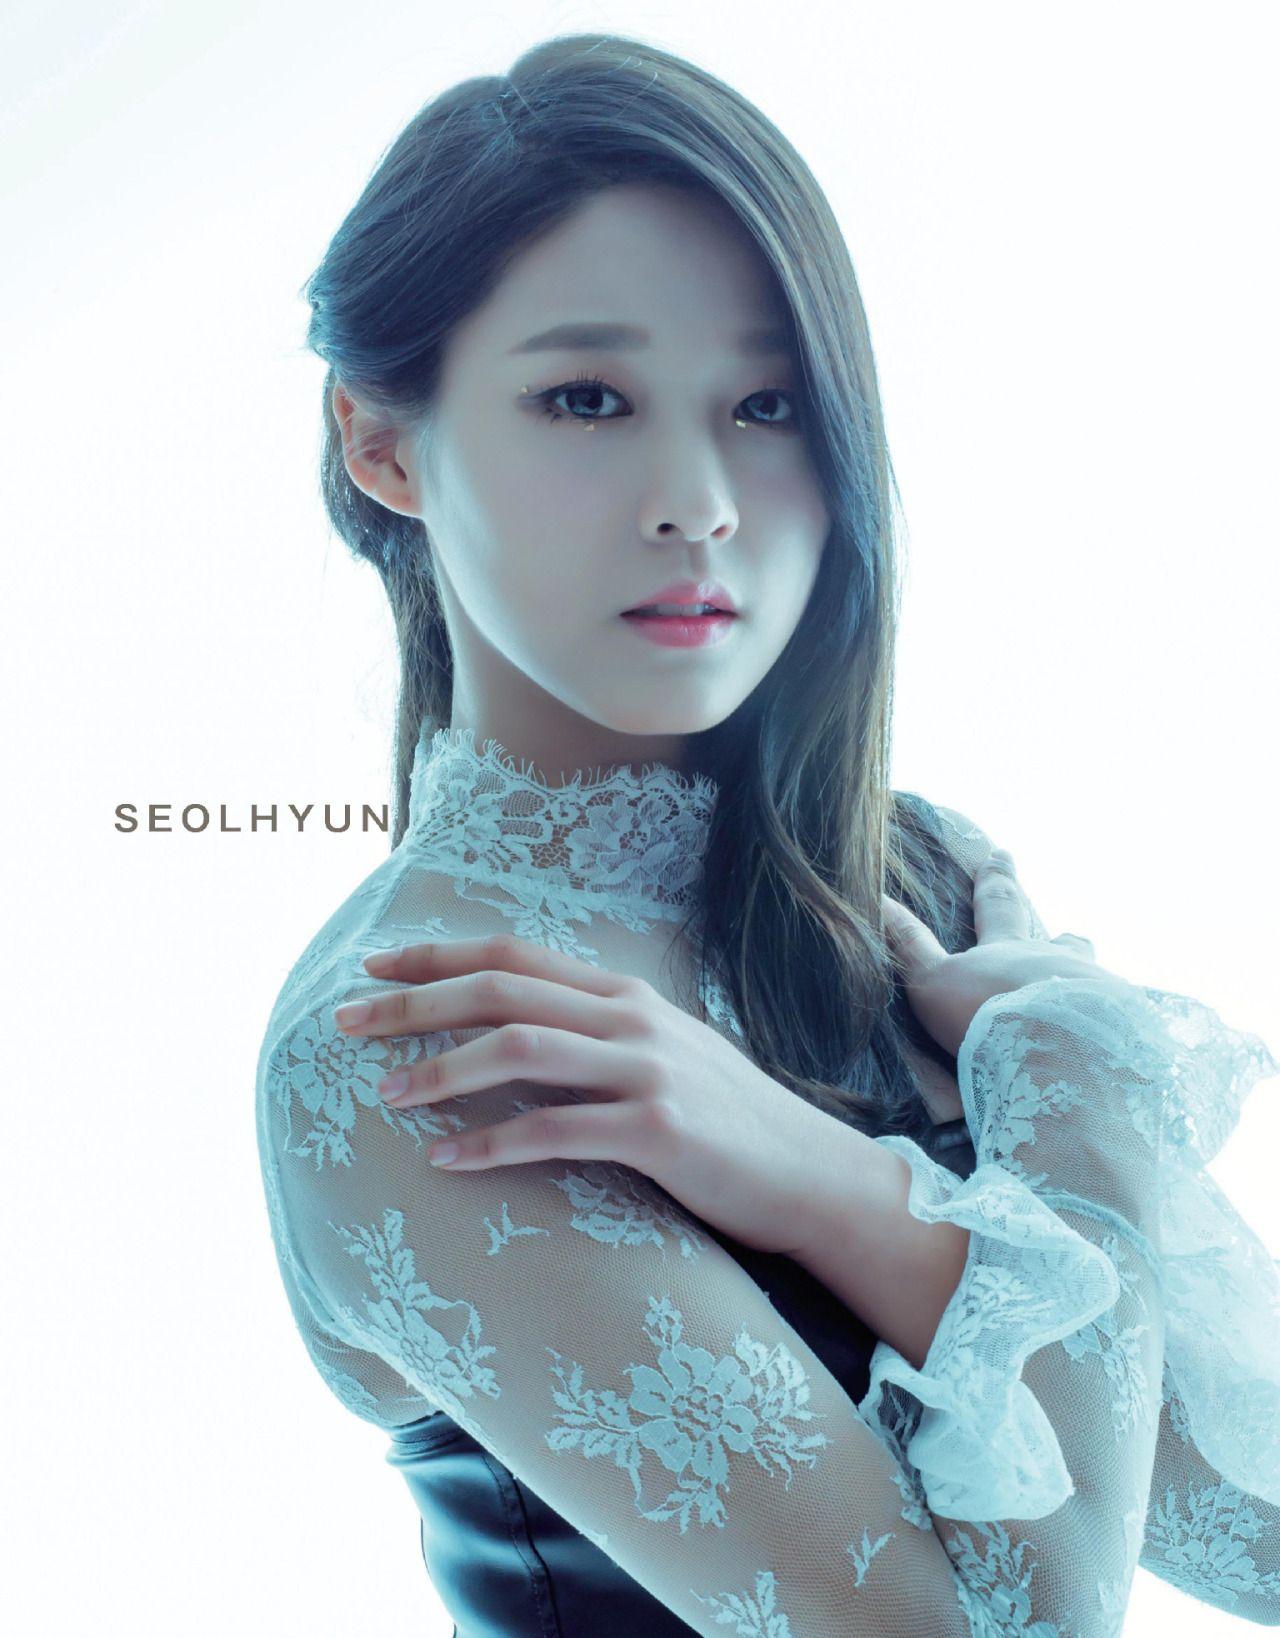 Seolhyun ↩☾それはすぐに私は行くべきである。 ∑(O_O;) ☕ upload is galaxy note3/2016.01.15 with ☯''地獄のテロリスト''☯  (о゚д゚о)♂